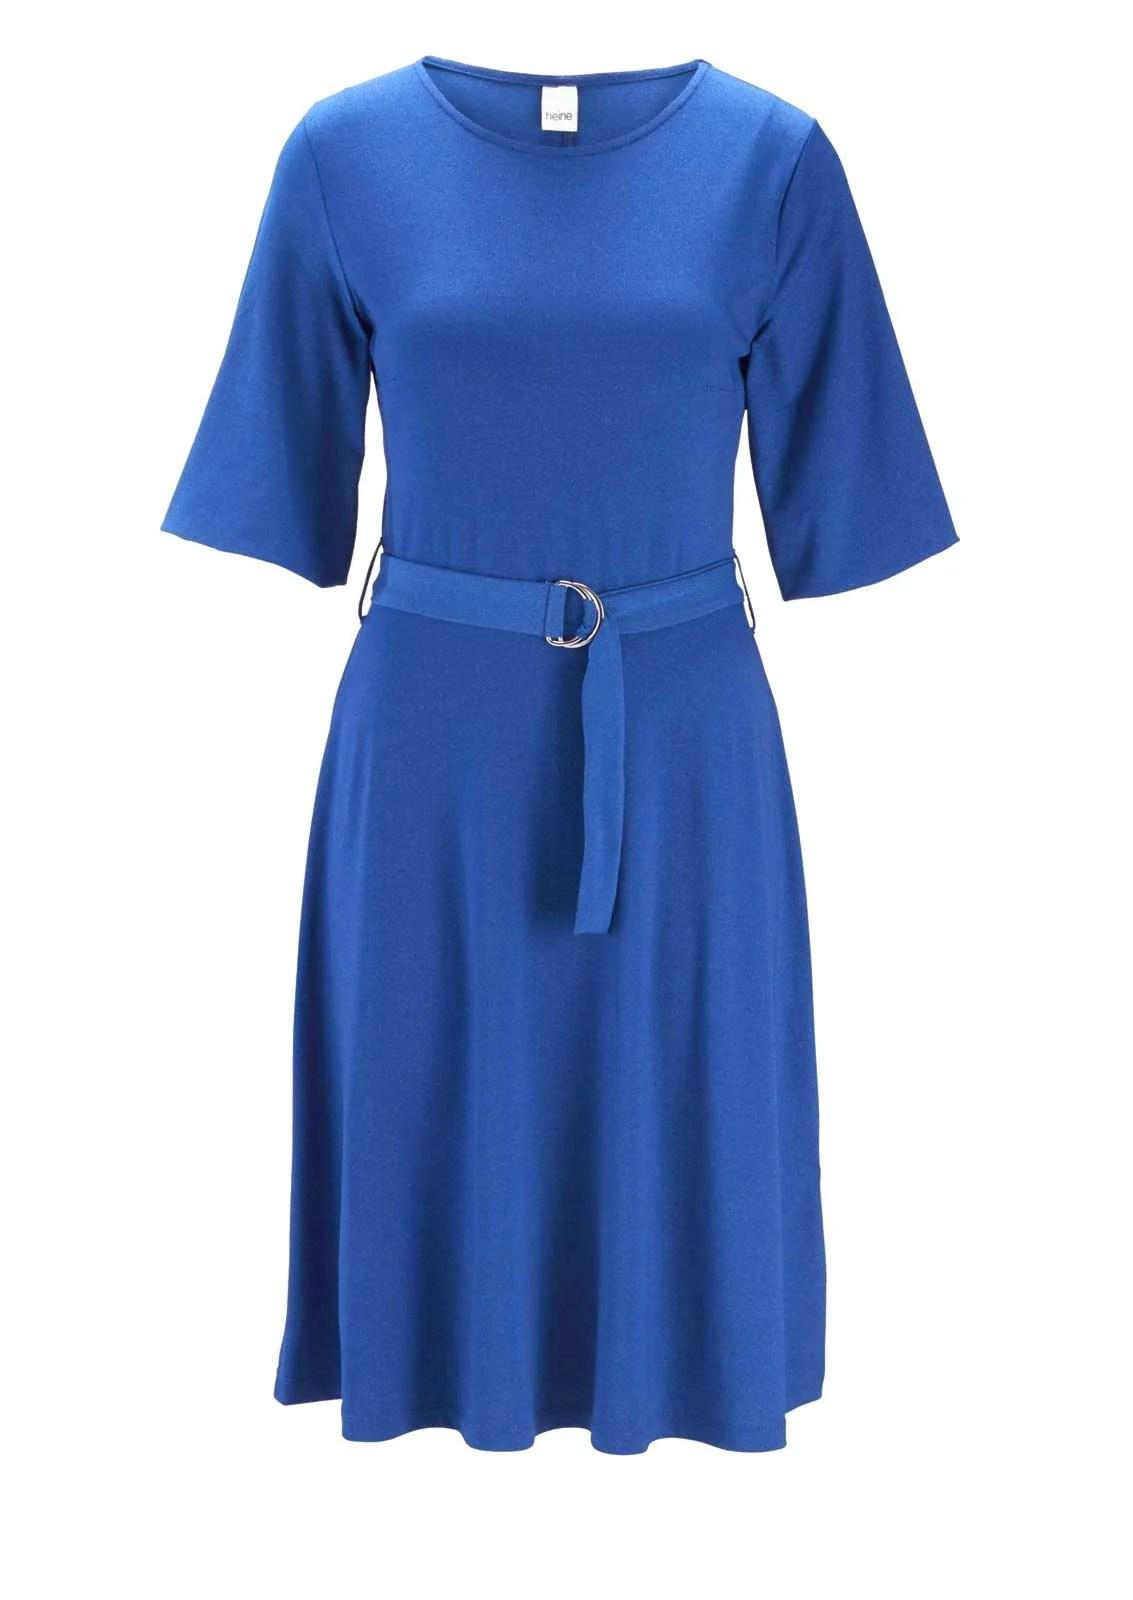 wadenlange kleider für besondere anlässe HEINE Damen Jerseykleid mit Gürtel Blau 612.939 missforty